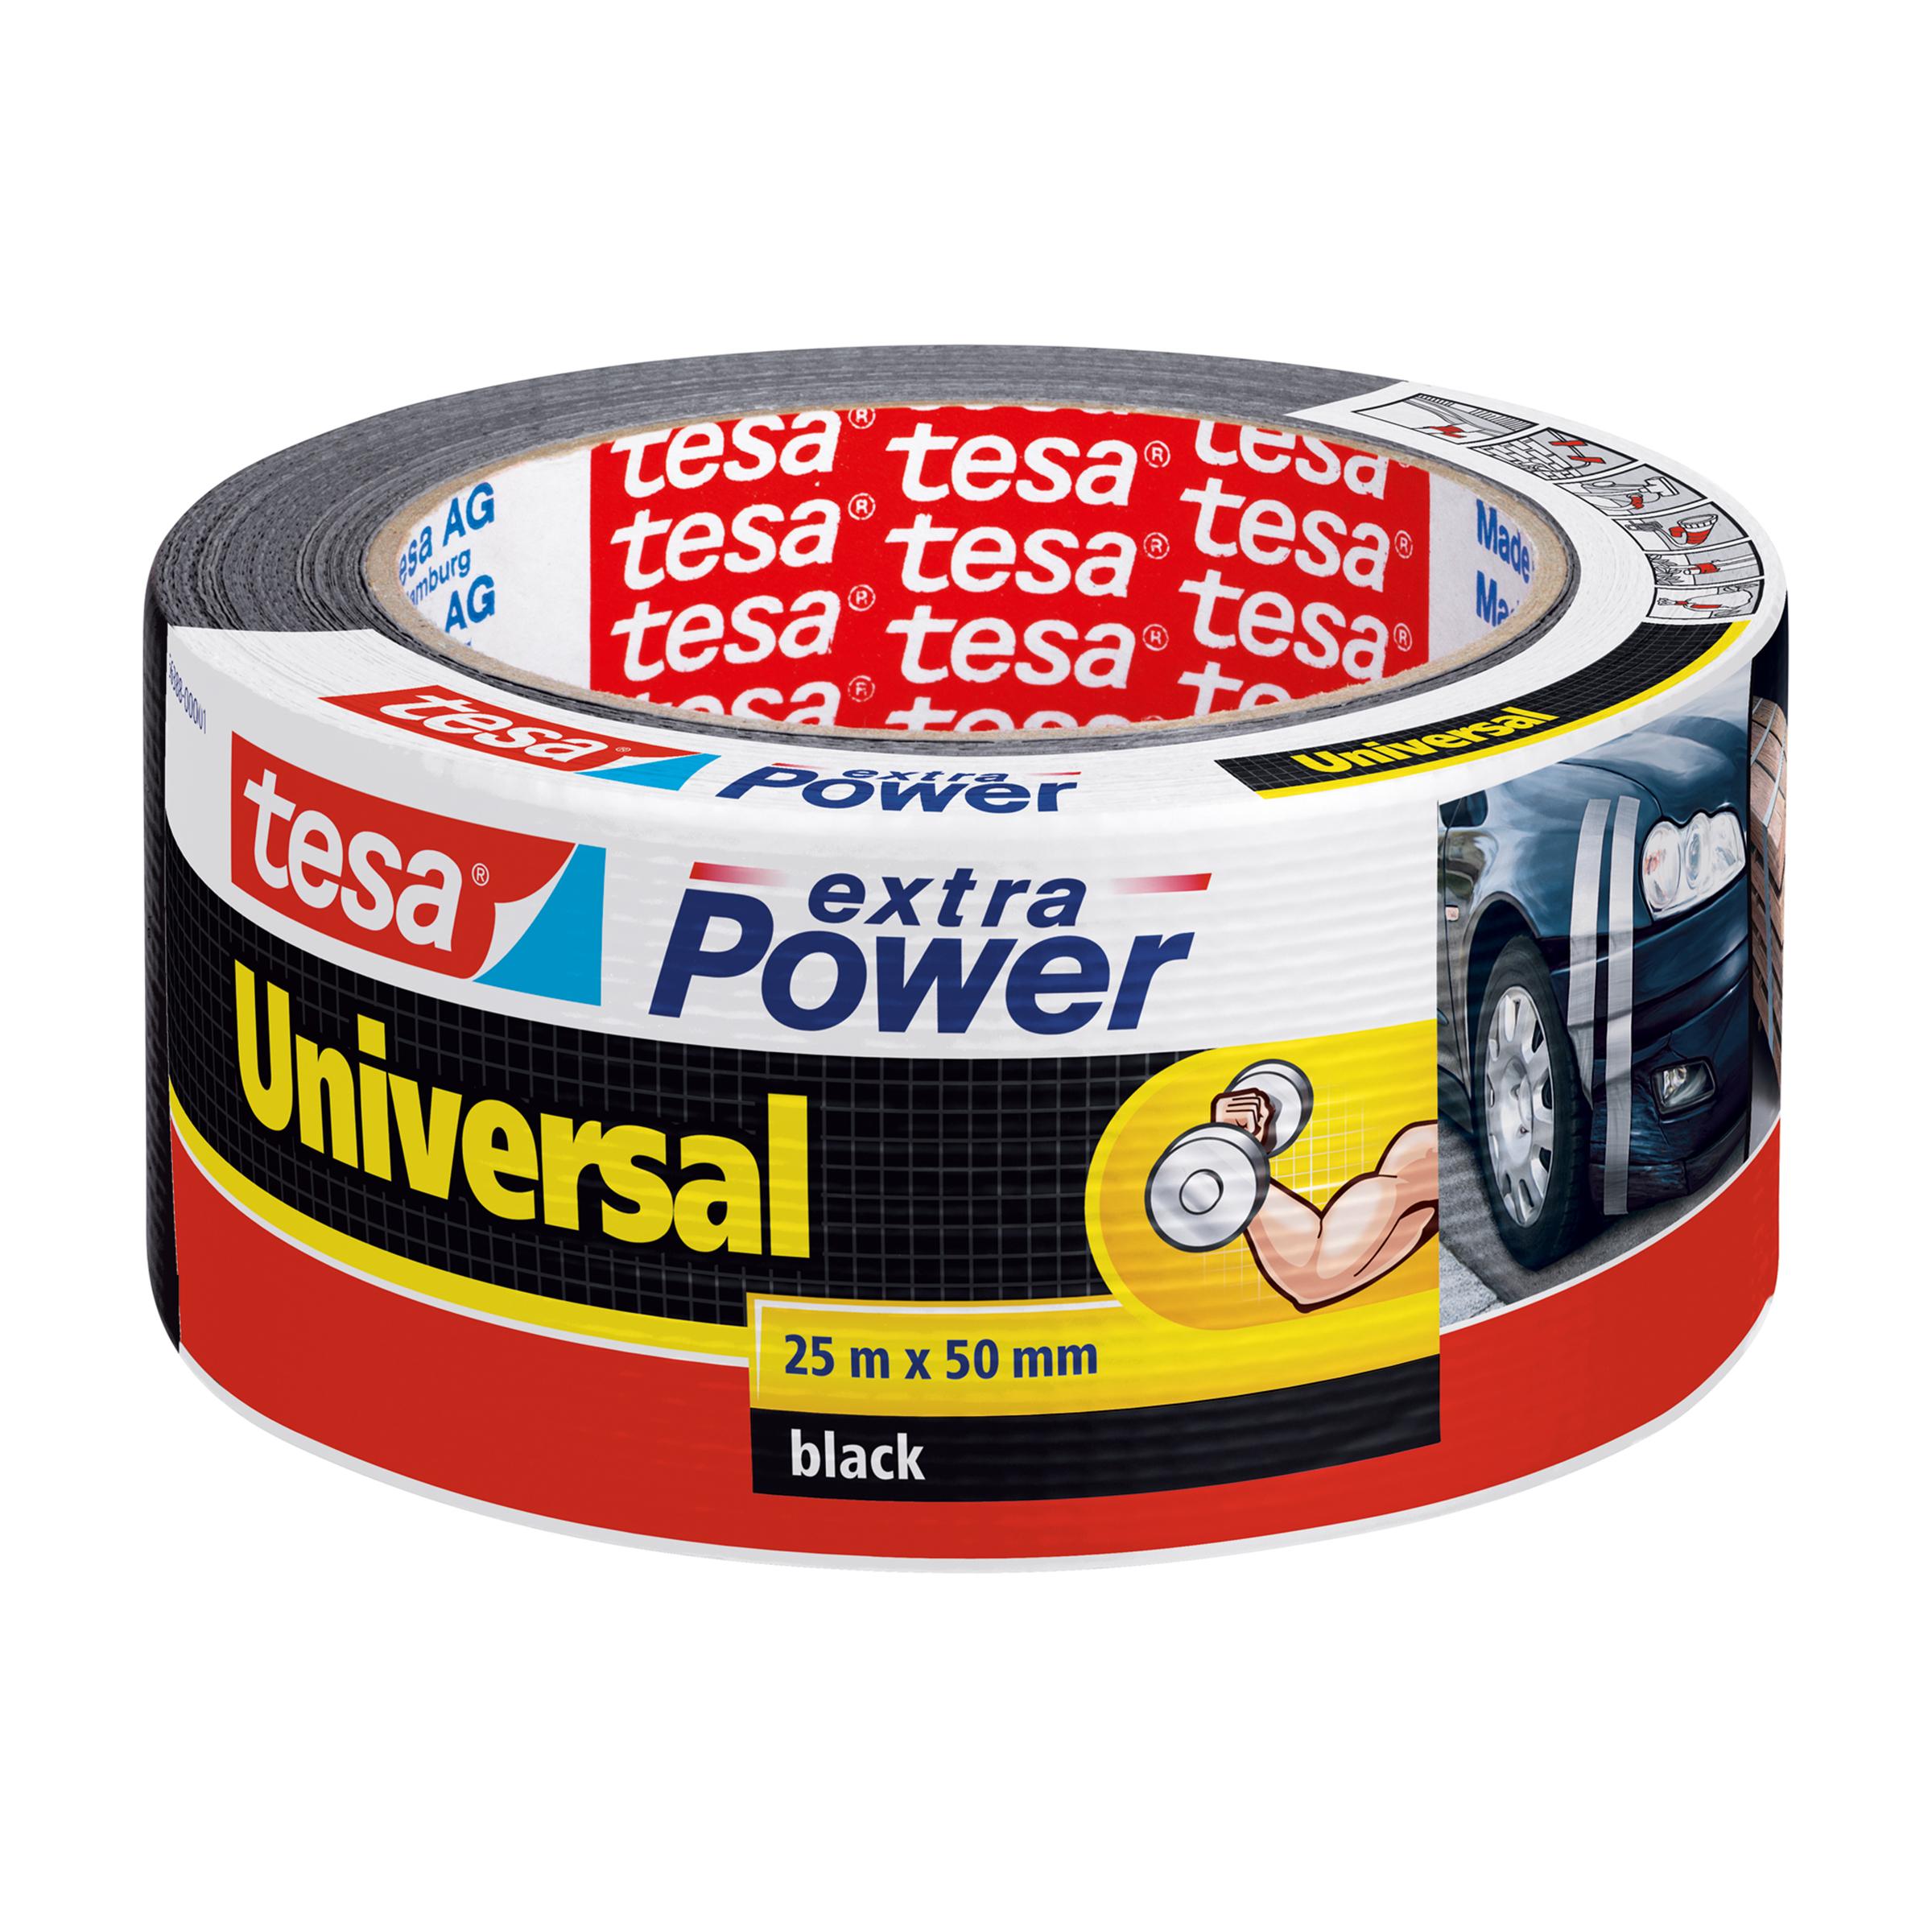 Tesa Extra Power - Schwarz - Befestigung - Handwerk - Kennzeichnung - Reparatur - Metall - Holz - 25 m - 50 mm